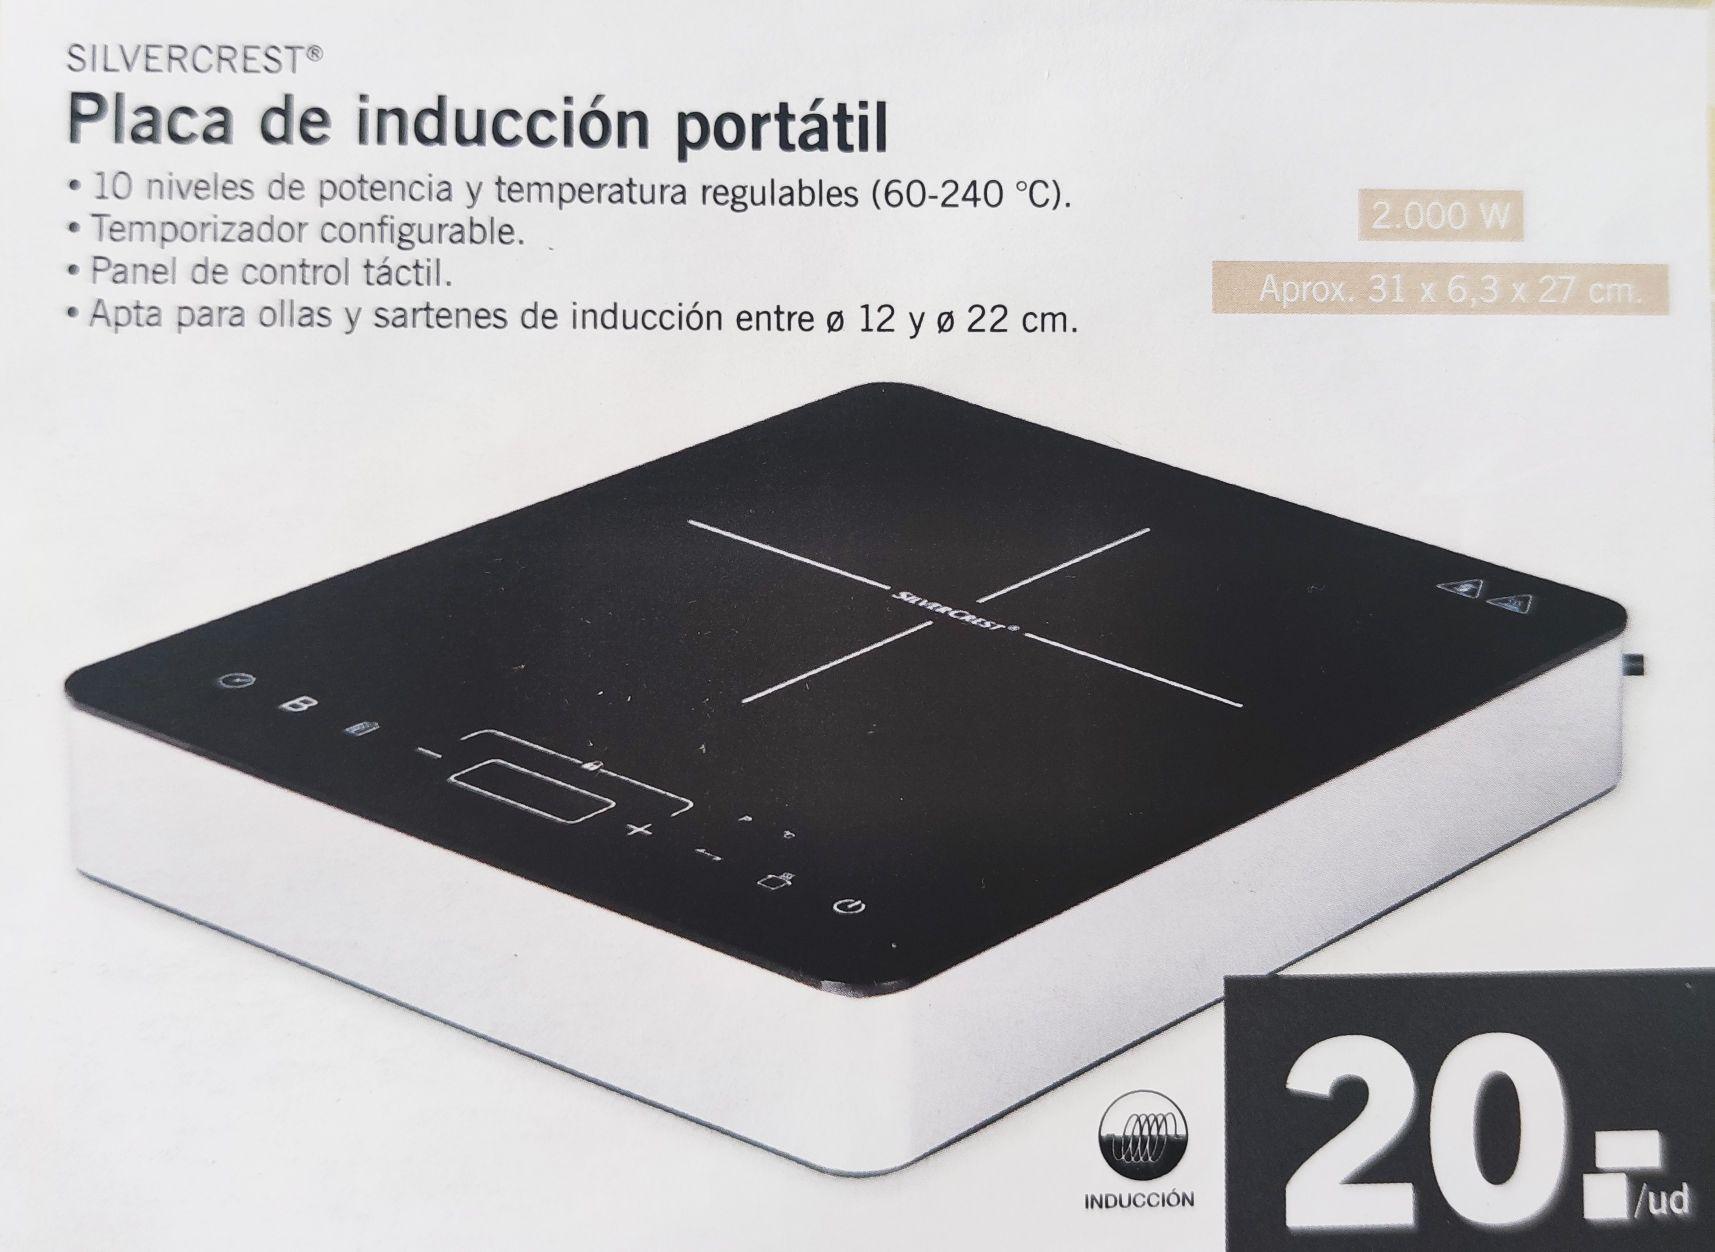 Placa inducción portátil